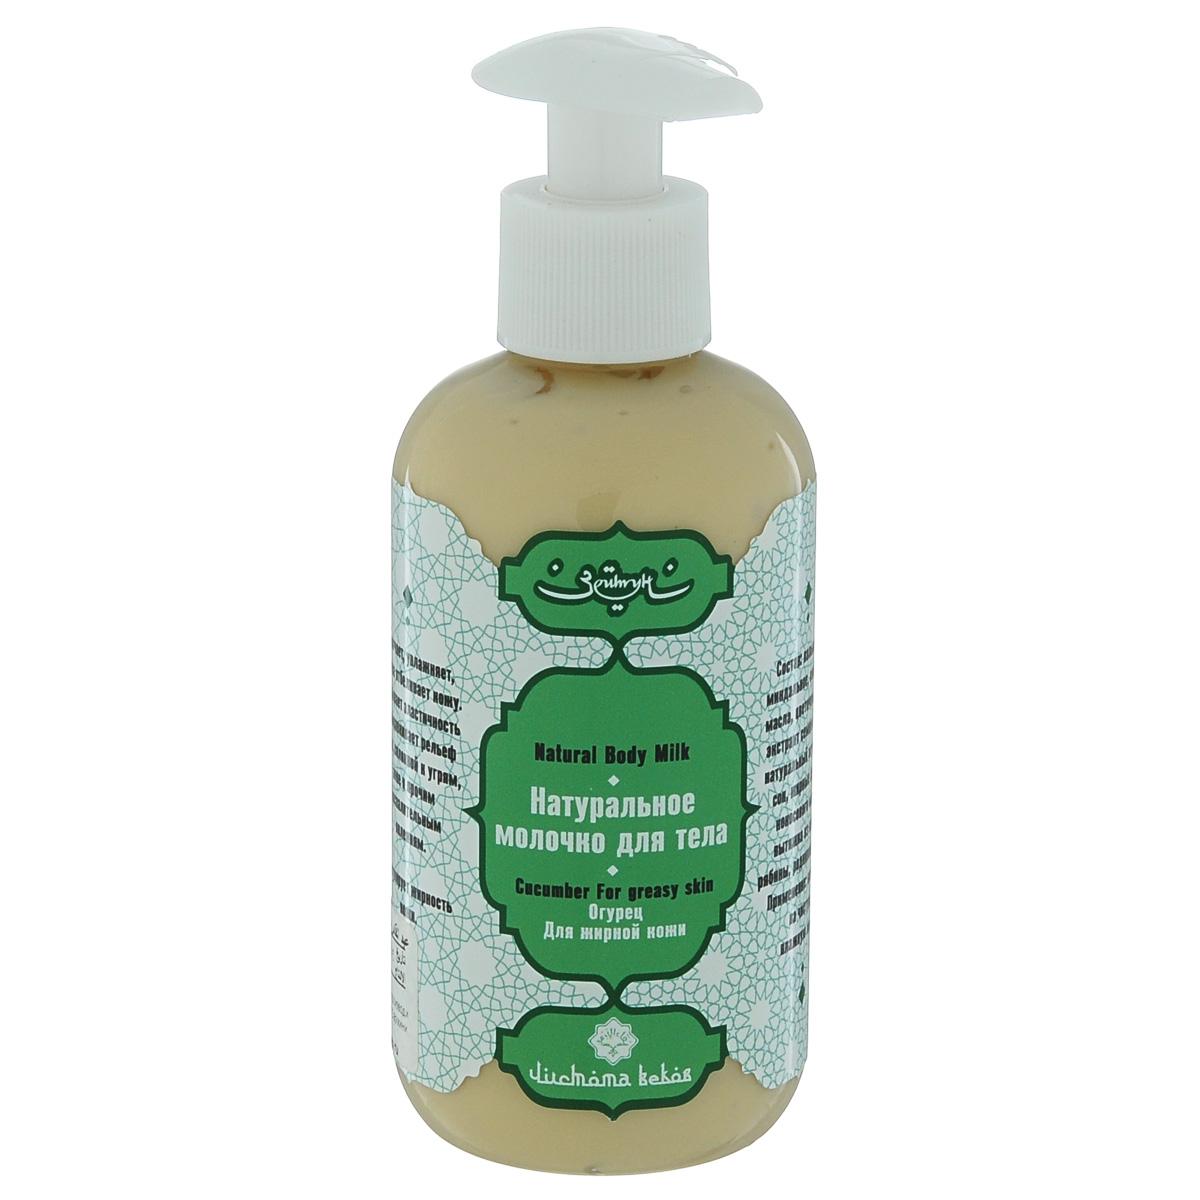 Зейтун Молочко для тела Огурец, 200 млZ1404Смягчает, увлажняет, слегка отбеливает кожу. Повышает эластичность и выравнивает рельеф кожи склонной к угрям, акне и прочим воспалительным явлениям. Регулирует жирность кожи.